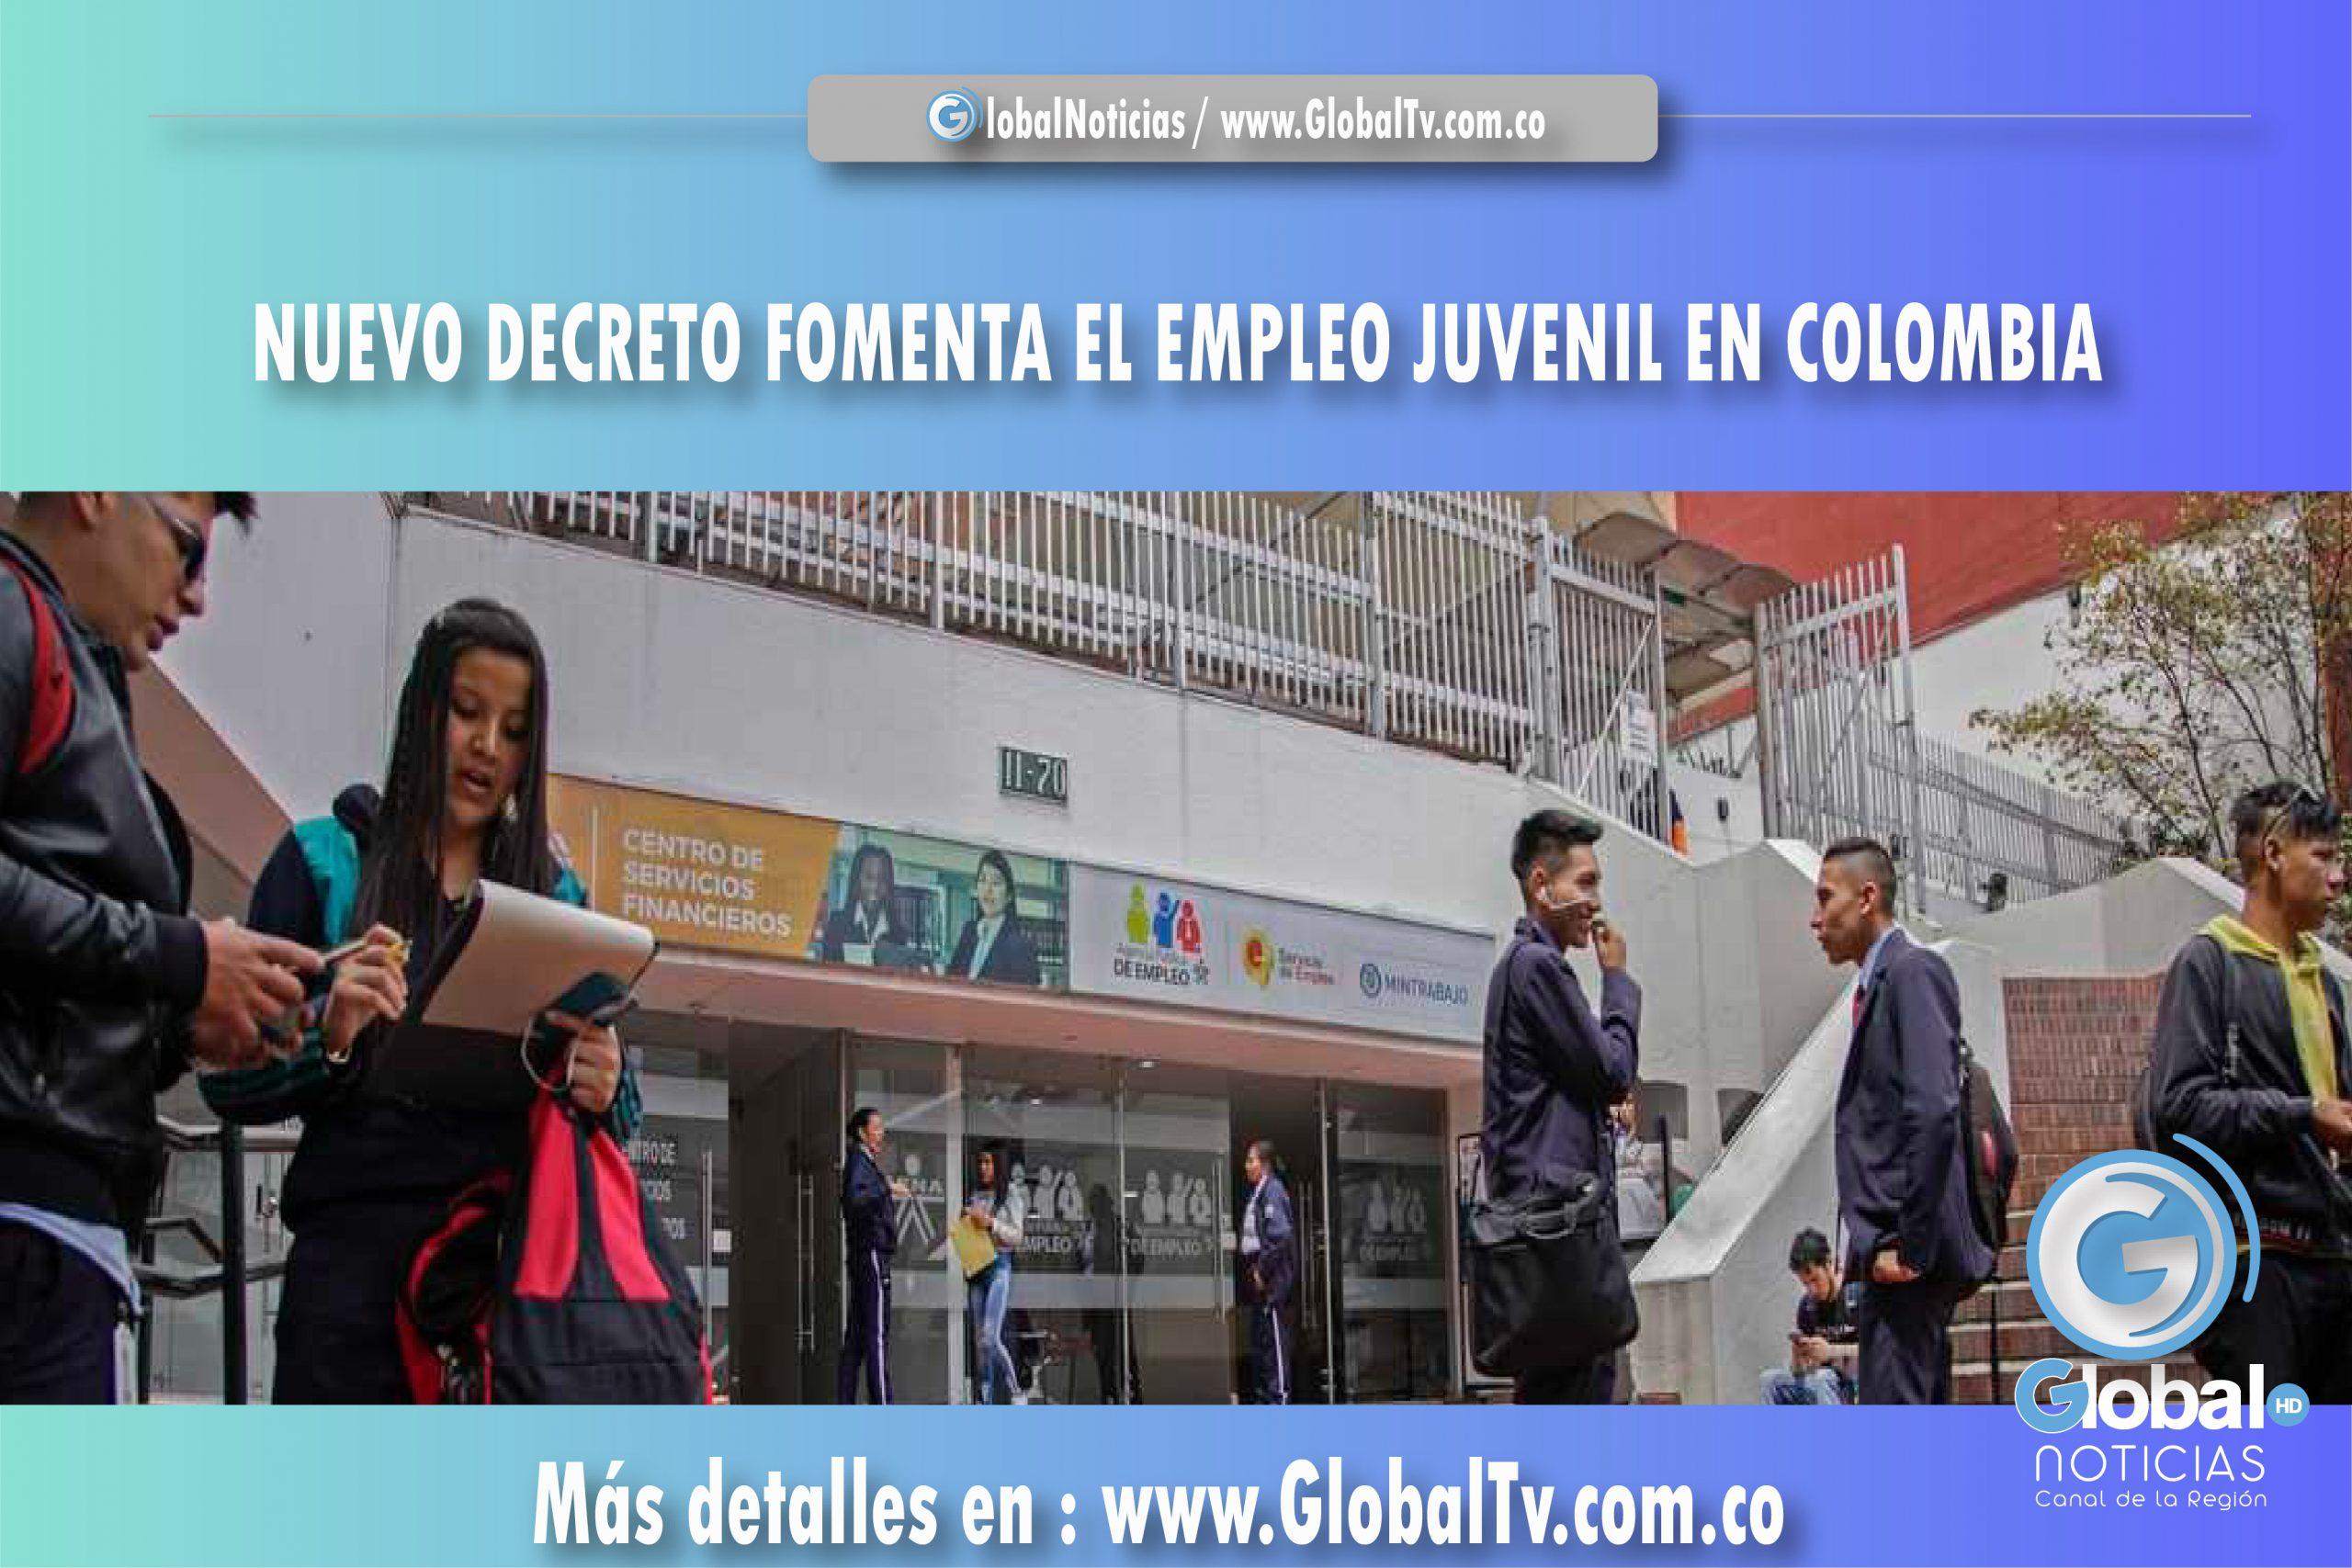 NUEVO DECRETO FOMENTA EL EMPLEO JUVENIL EN COLOMBIA